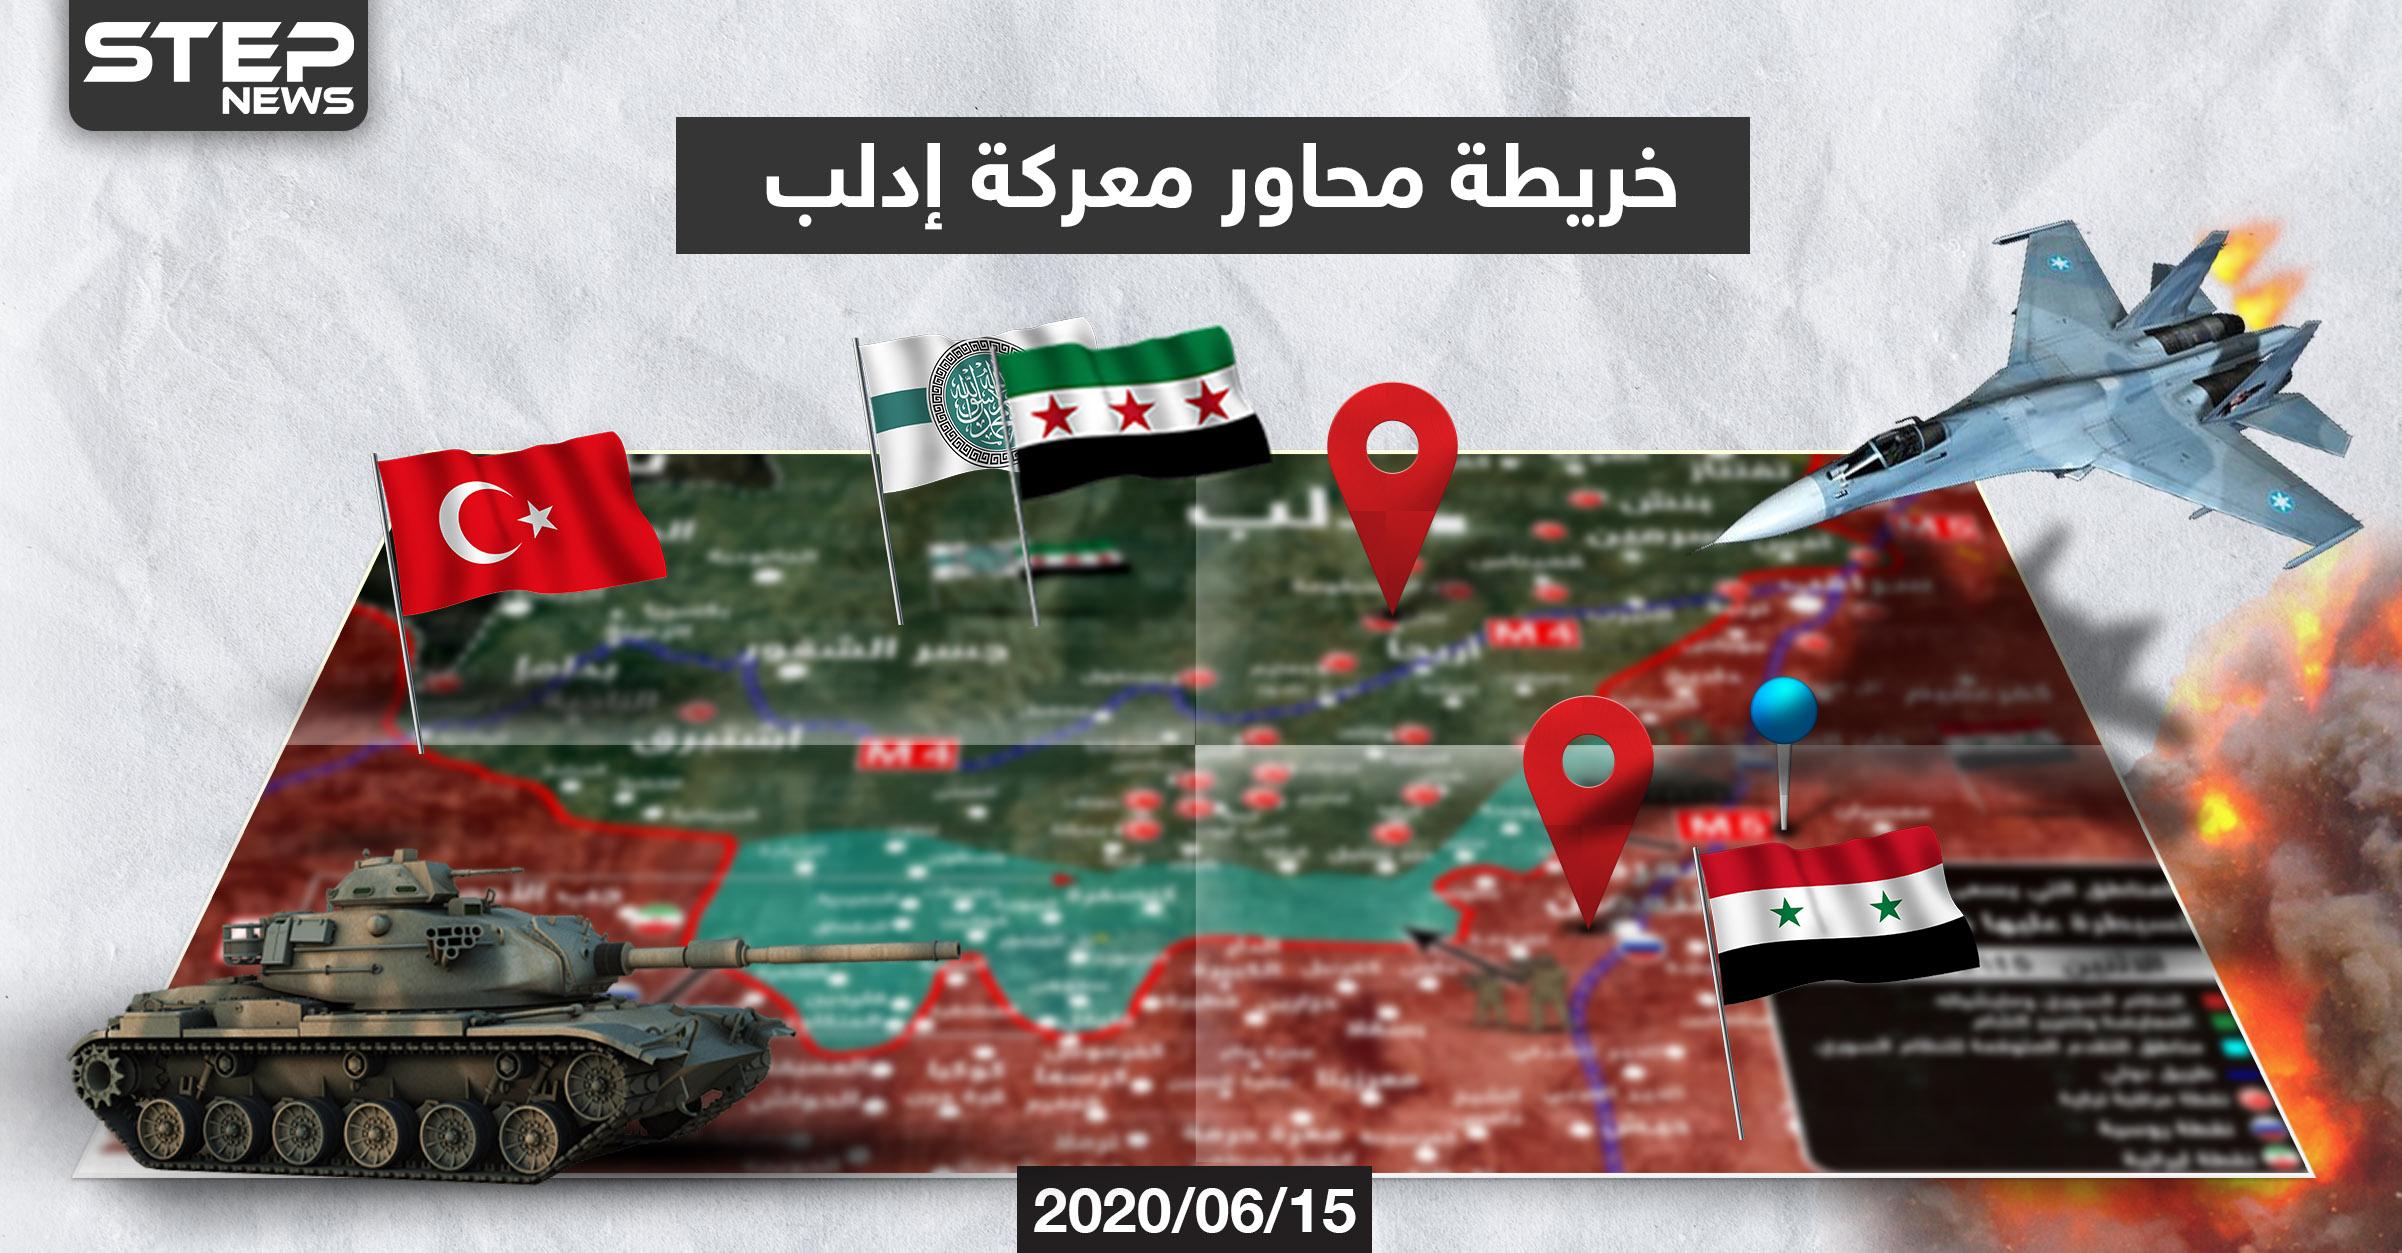 المهلة انتهت.. روسيا والنظام السوري بانتظار ساعة الصفر لإطلاق معركة إدلب وهذه محاورها (خريطة)